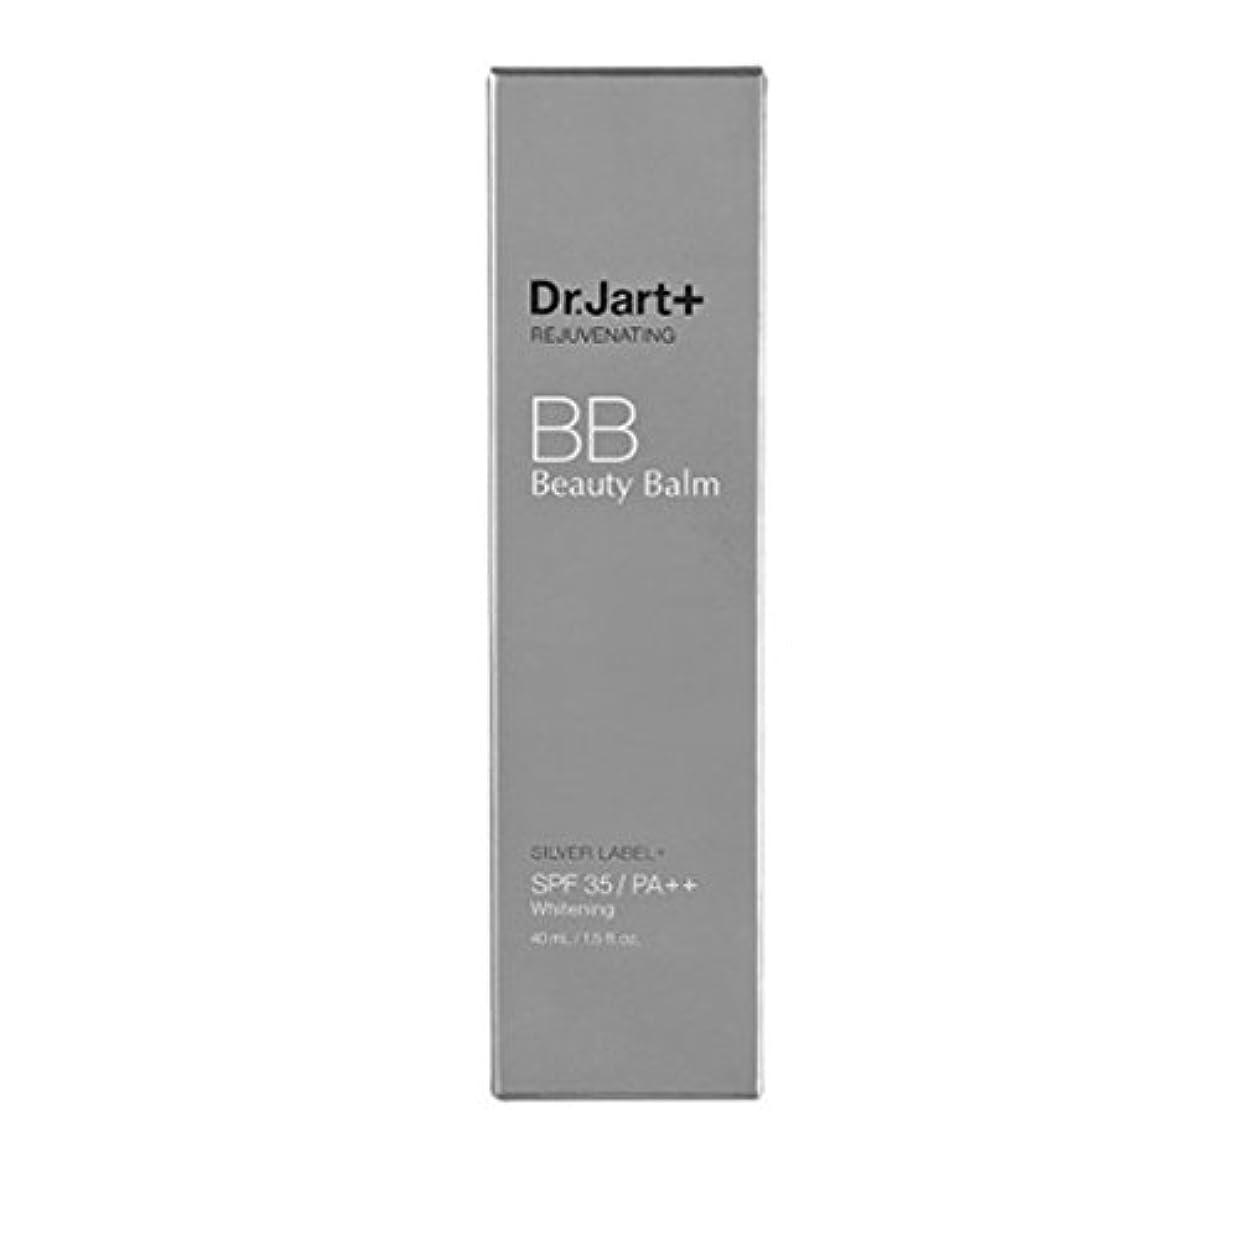 ドクタージャルトゥ(Dr.Jart+) リージュビネイティンビューティーbalm 40ml x 2本セットシルバーラベルBBクリーム (SPF35 / PA++)、Dr.Jart+ Rejuvenating Beauty...